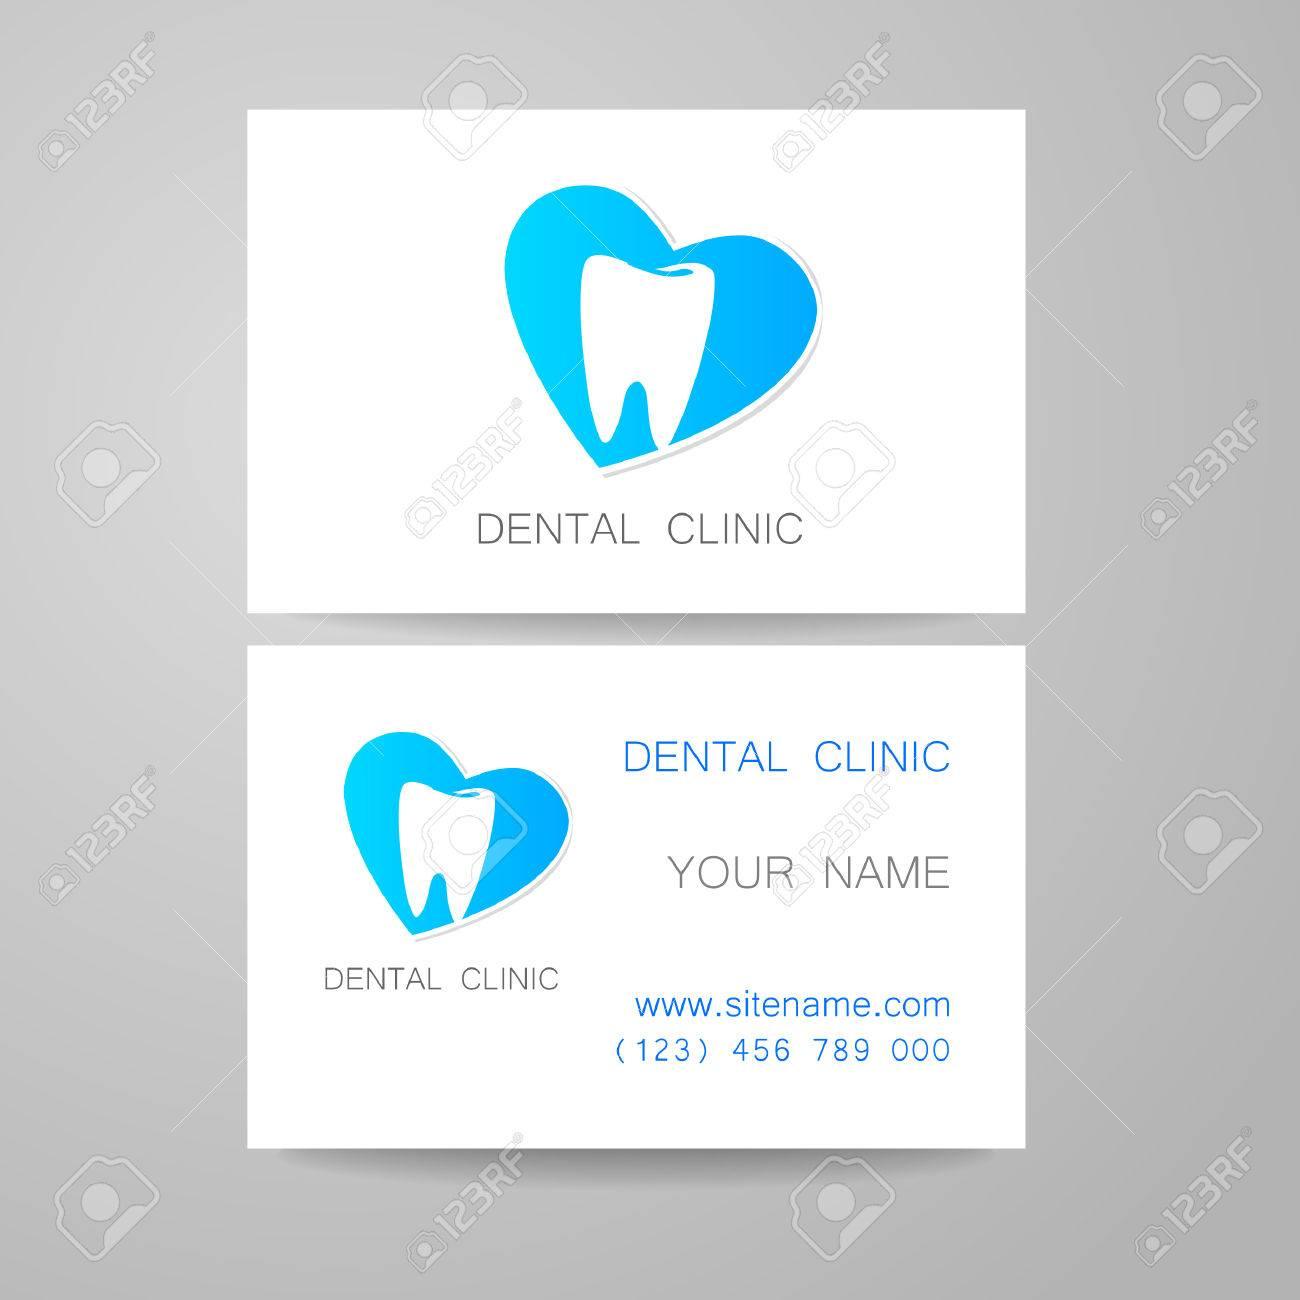 Clínica Dental. Diseño De La Plantilla De Identidad Corporativa ...